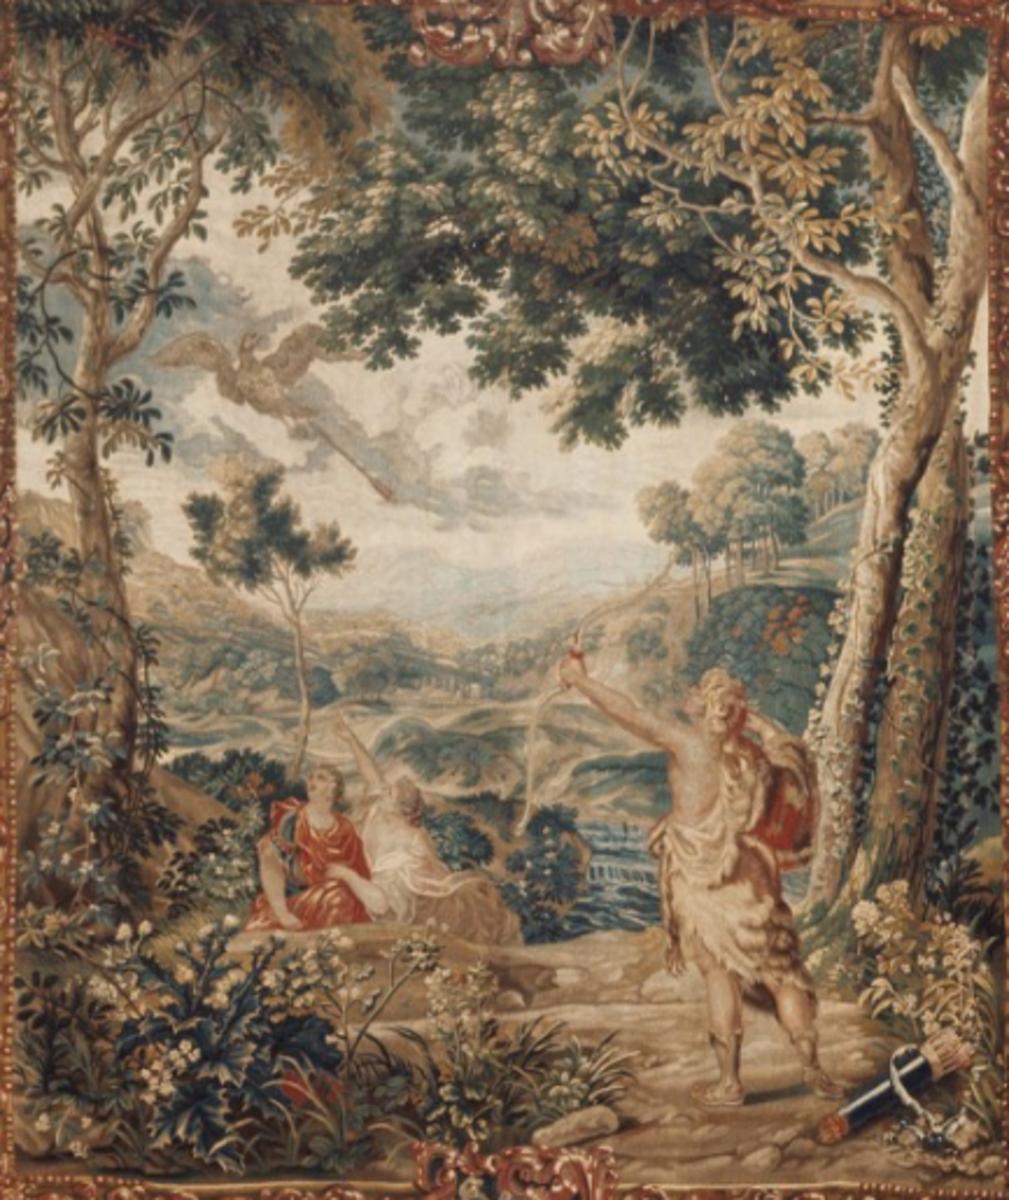 Hercules and the Stymphalian Birds, Studio of Jacob van der Borght the Elder, 1699.